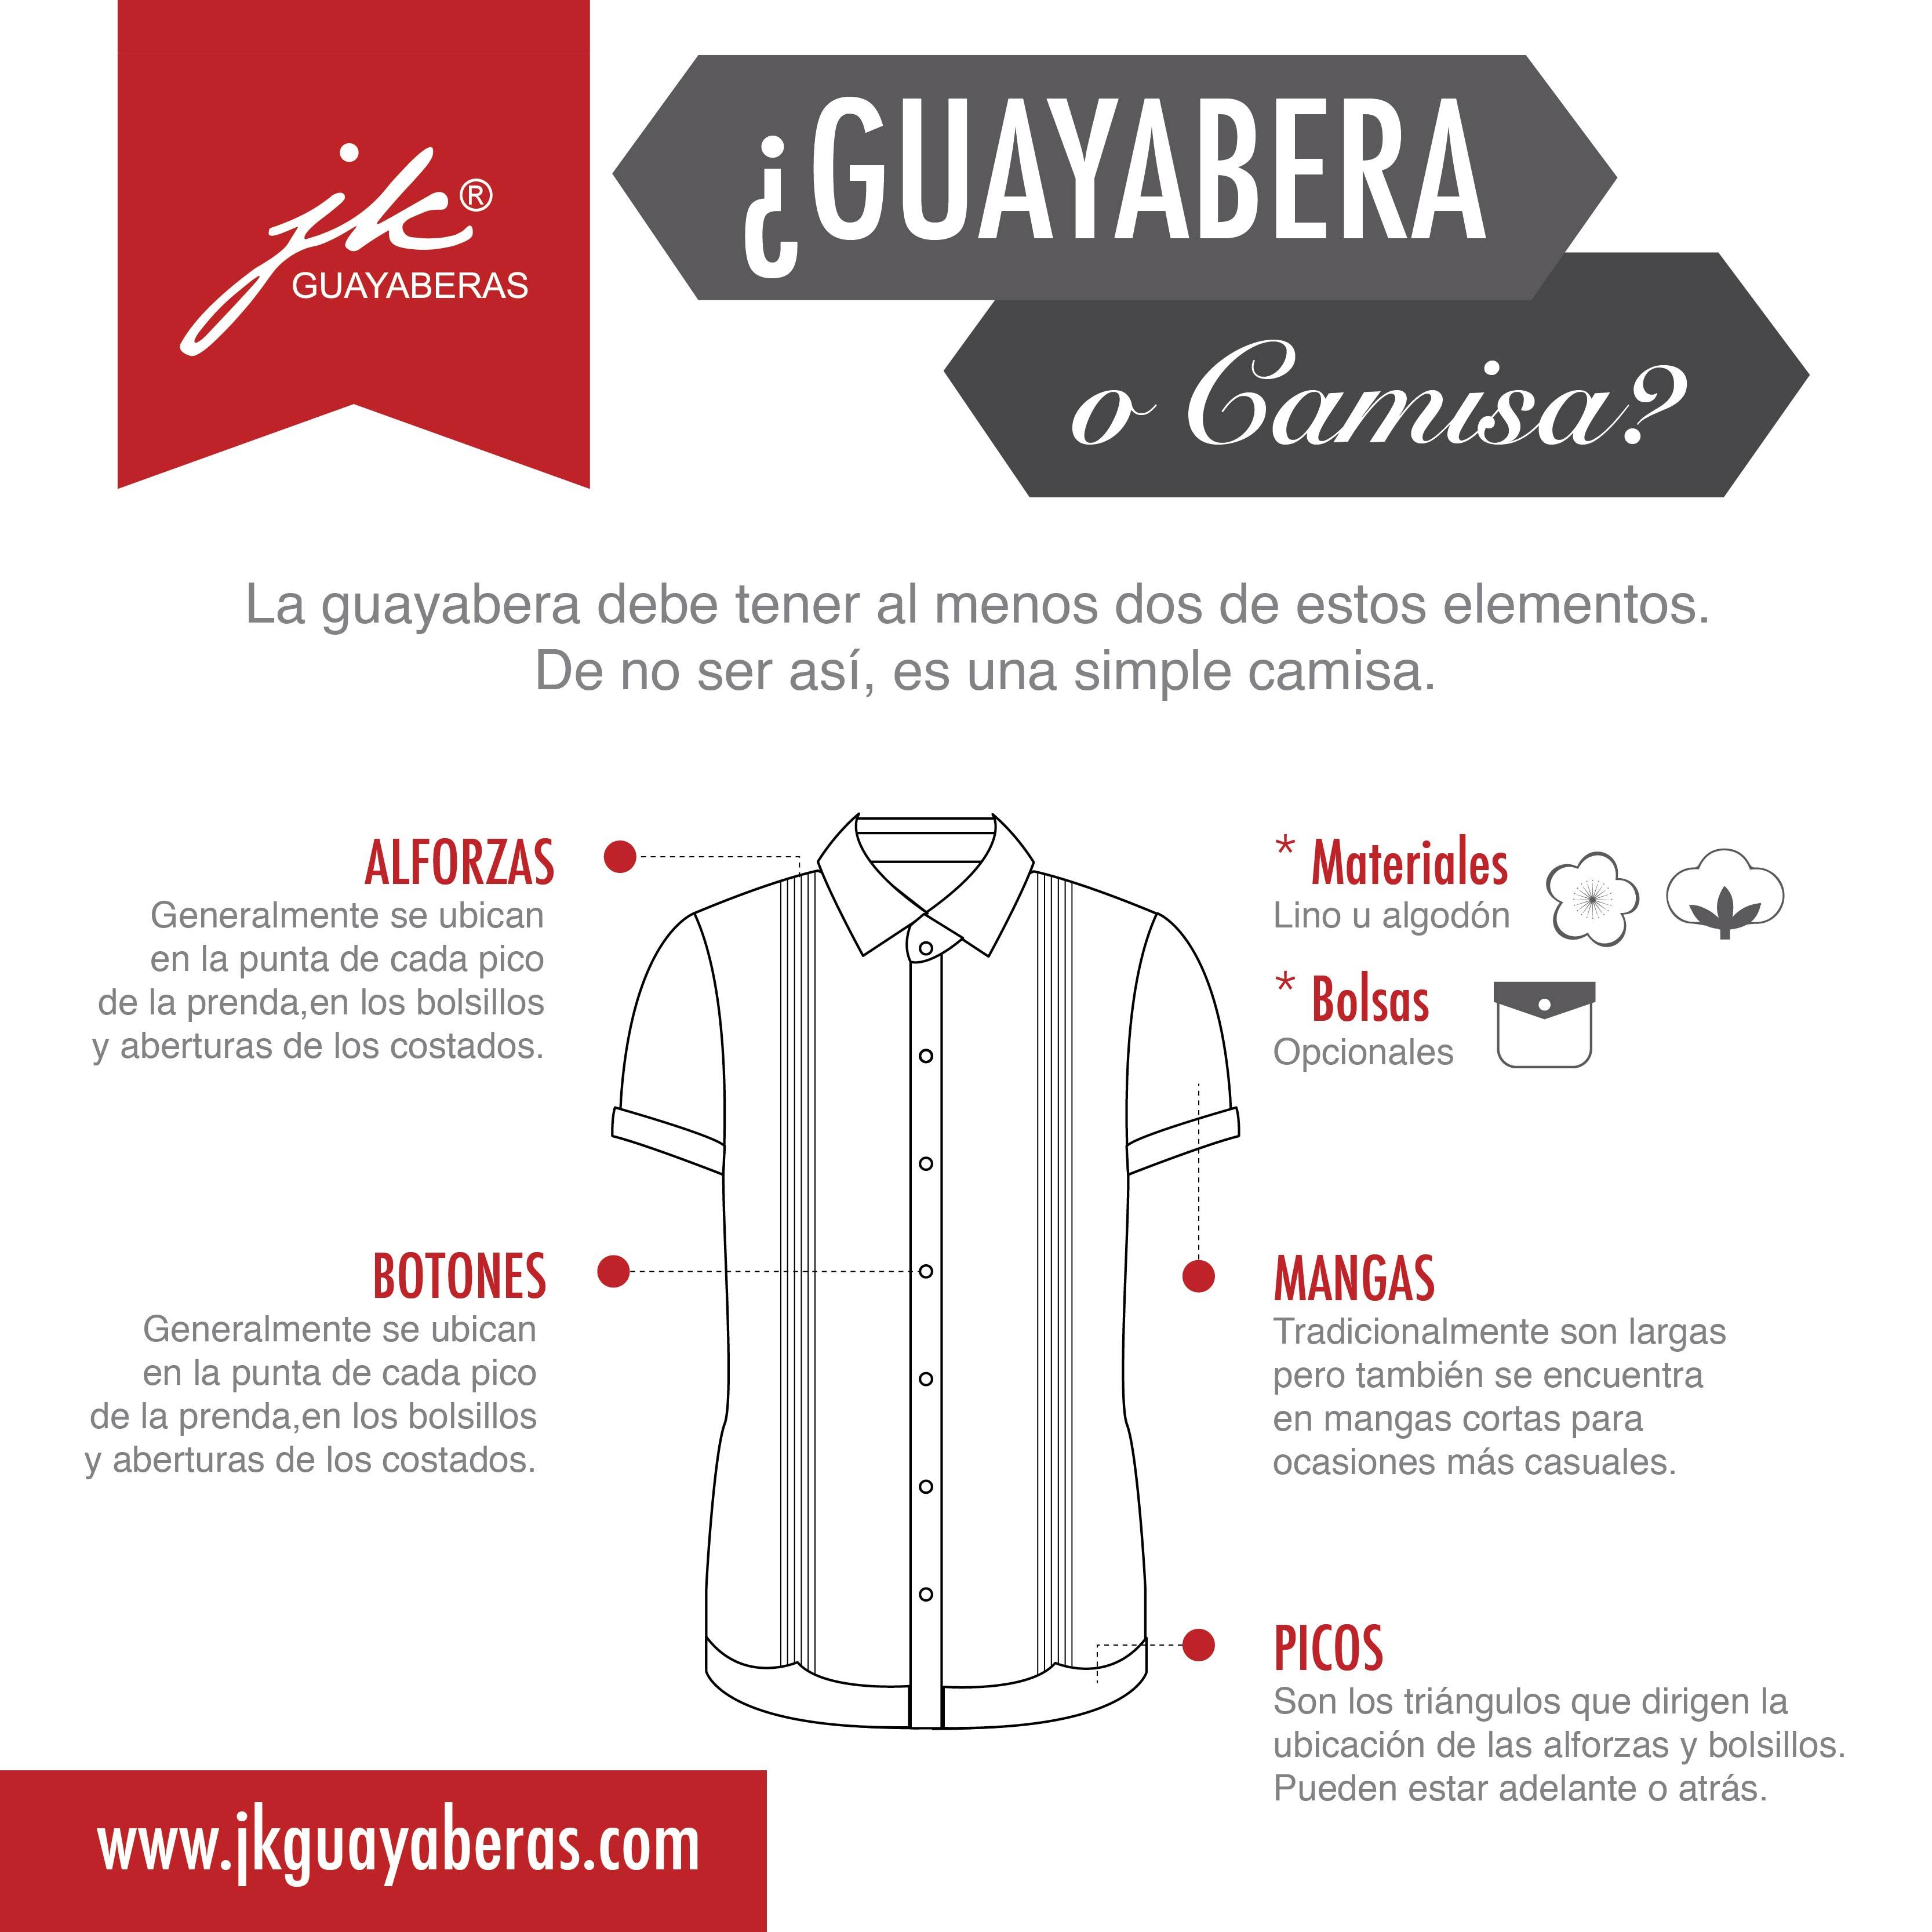 guayaberaocamisa-01